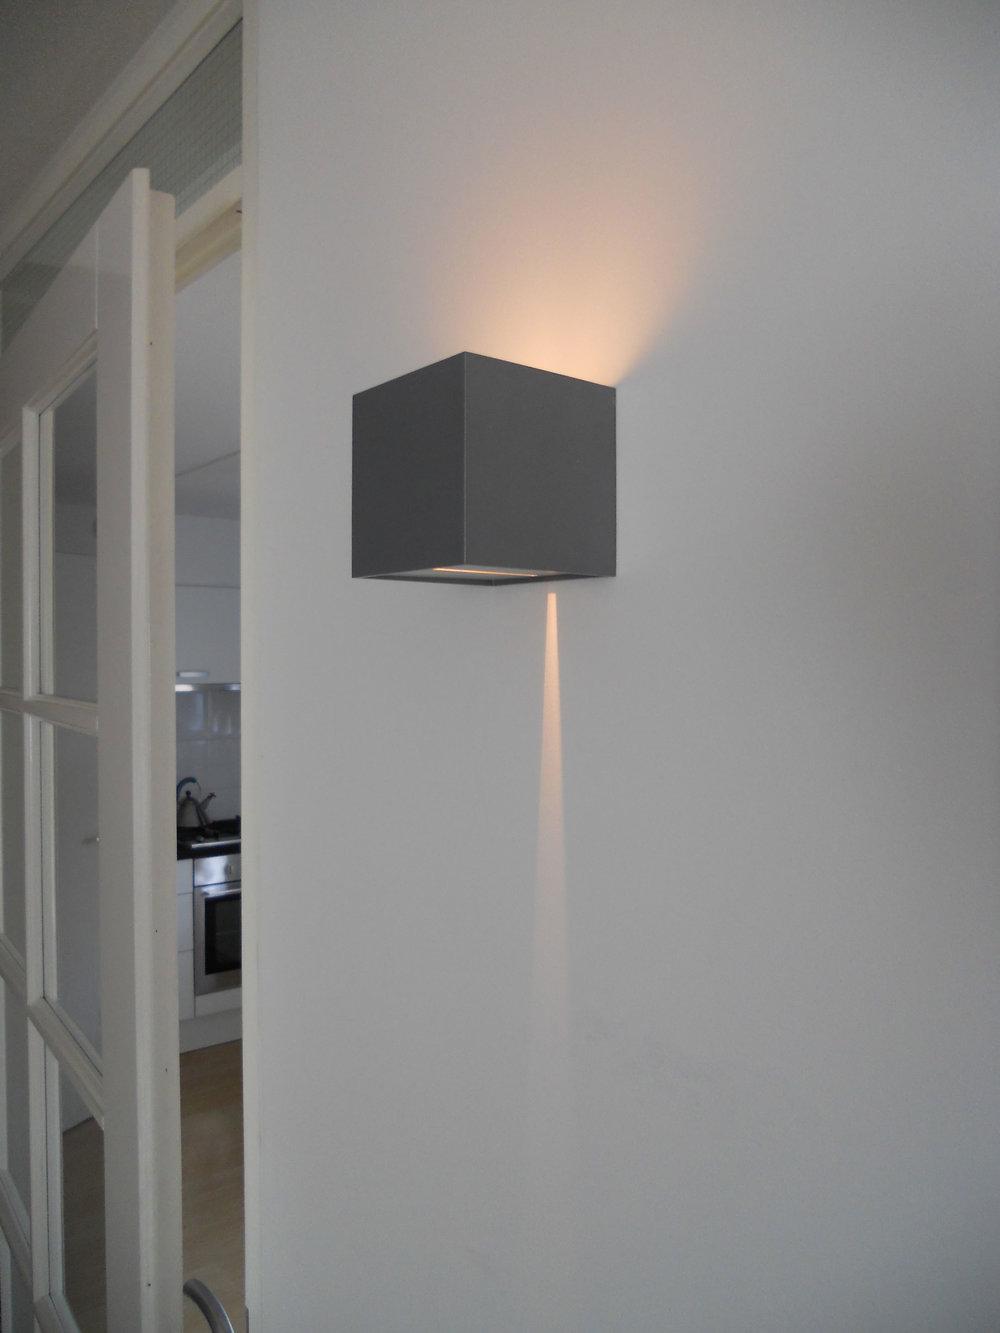 Wever & Ducré design wandarmatuur gecombineerd met B&O apparatuur